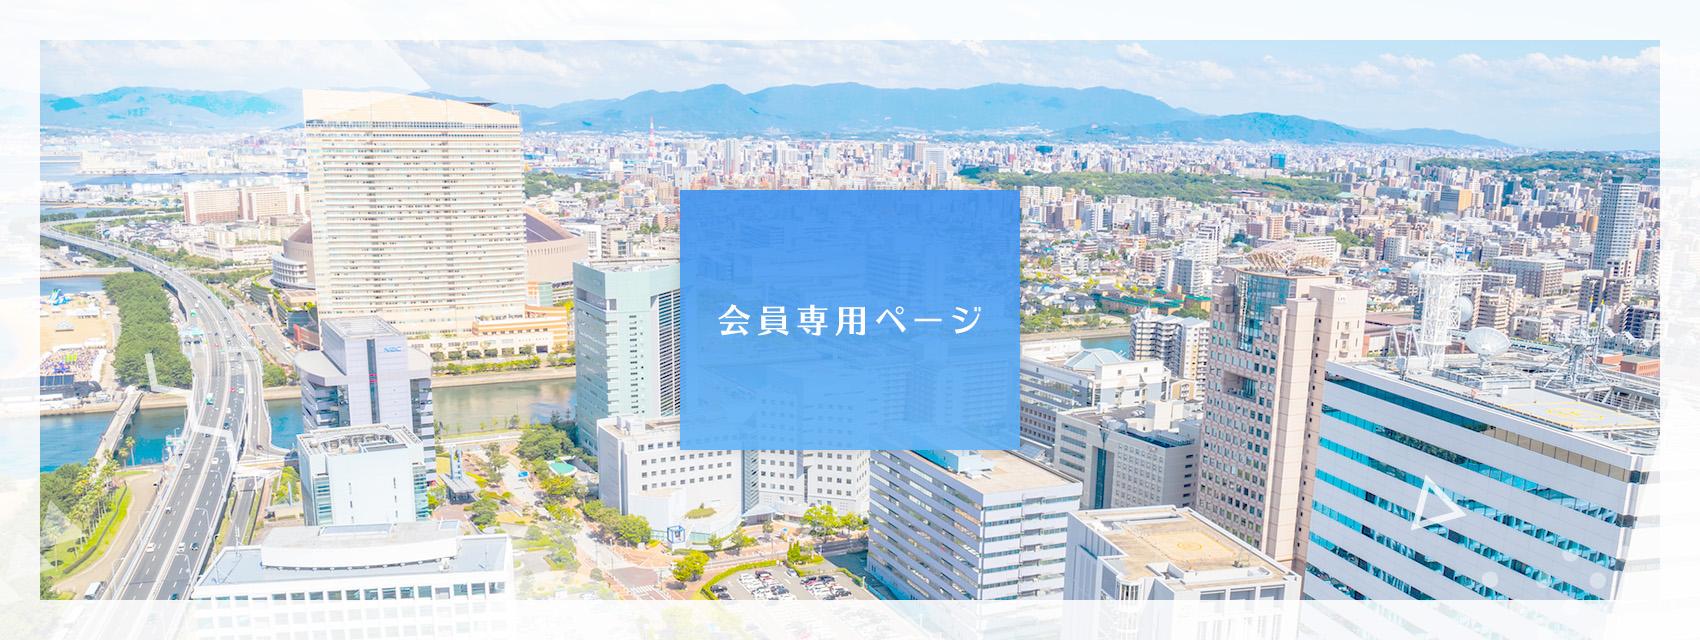 メンバーログイン/ログアウト